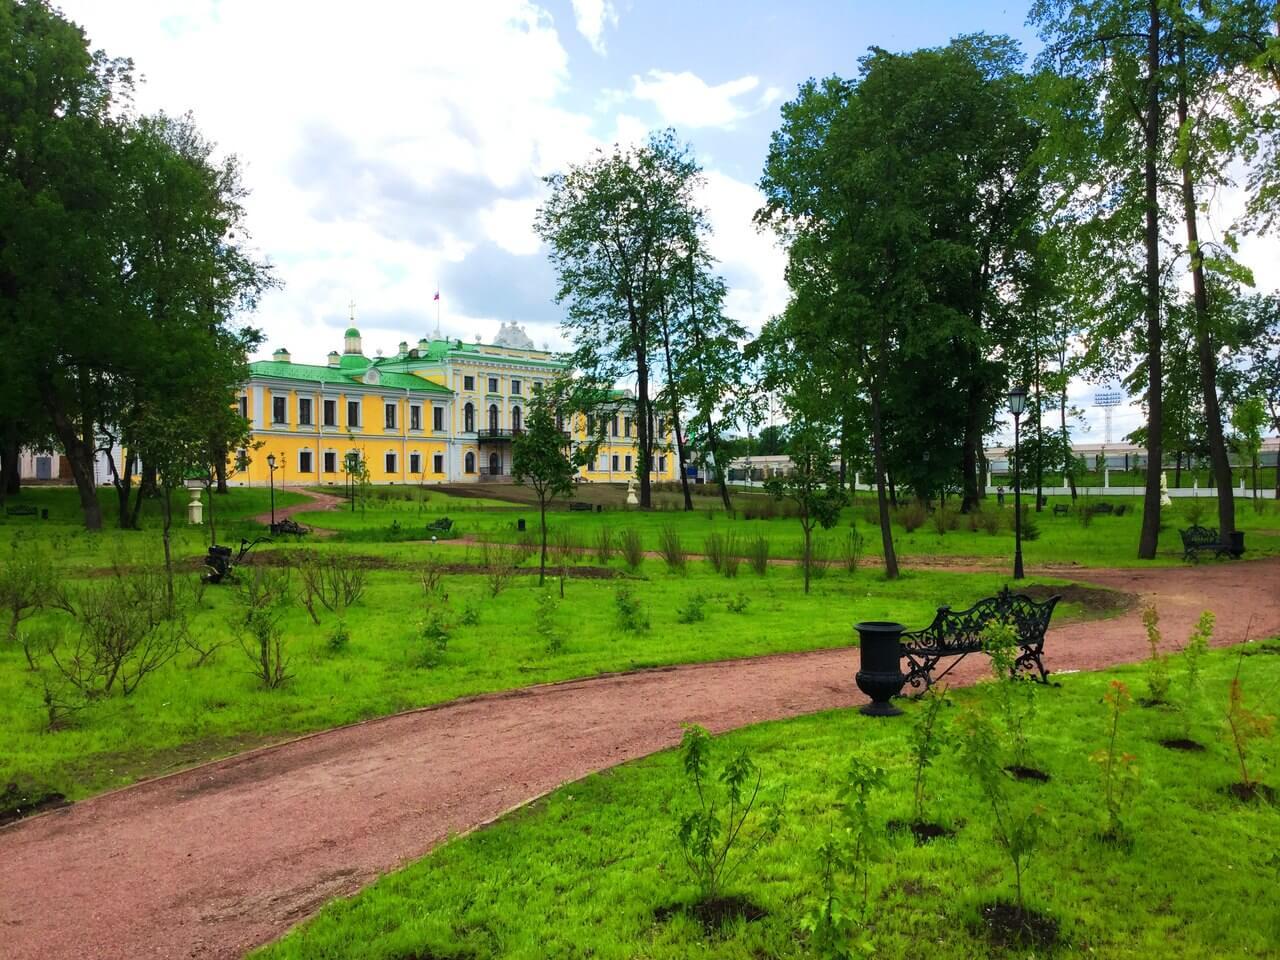 Тверской императорский дворец приглашает на экскурсию